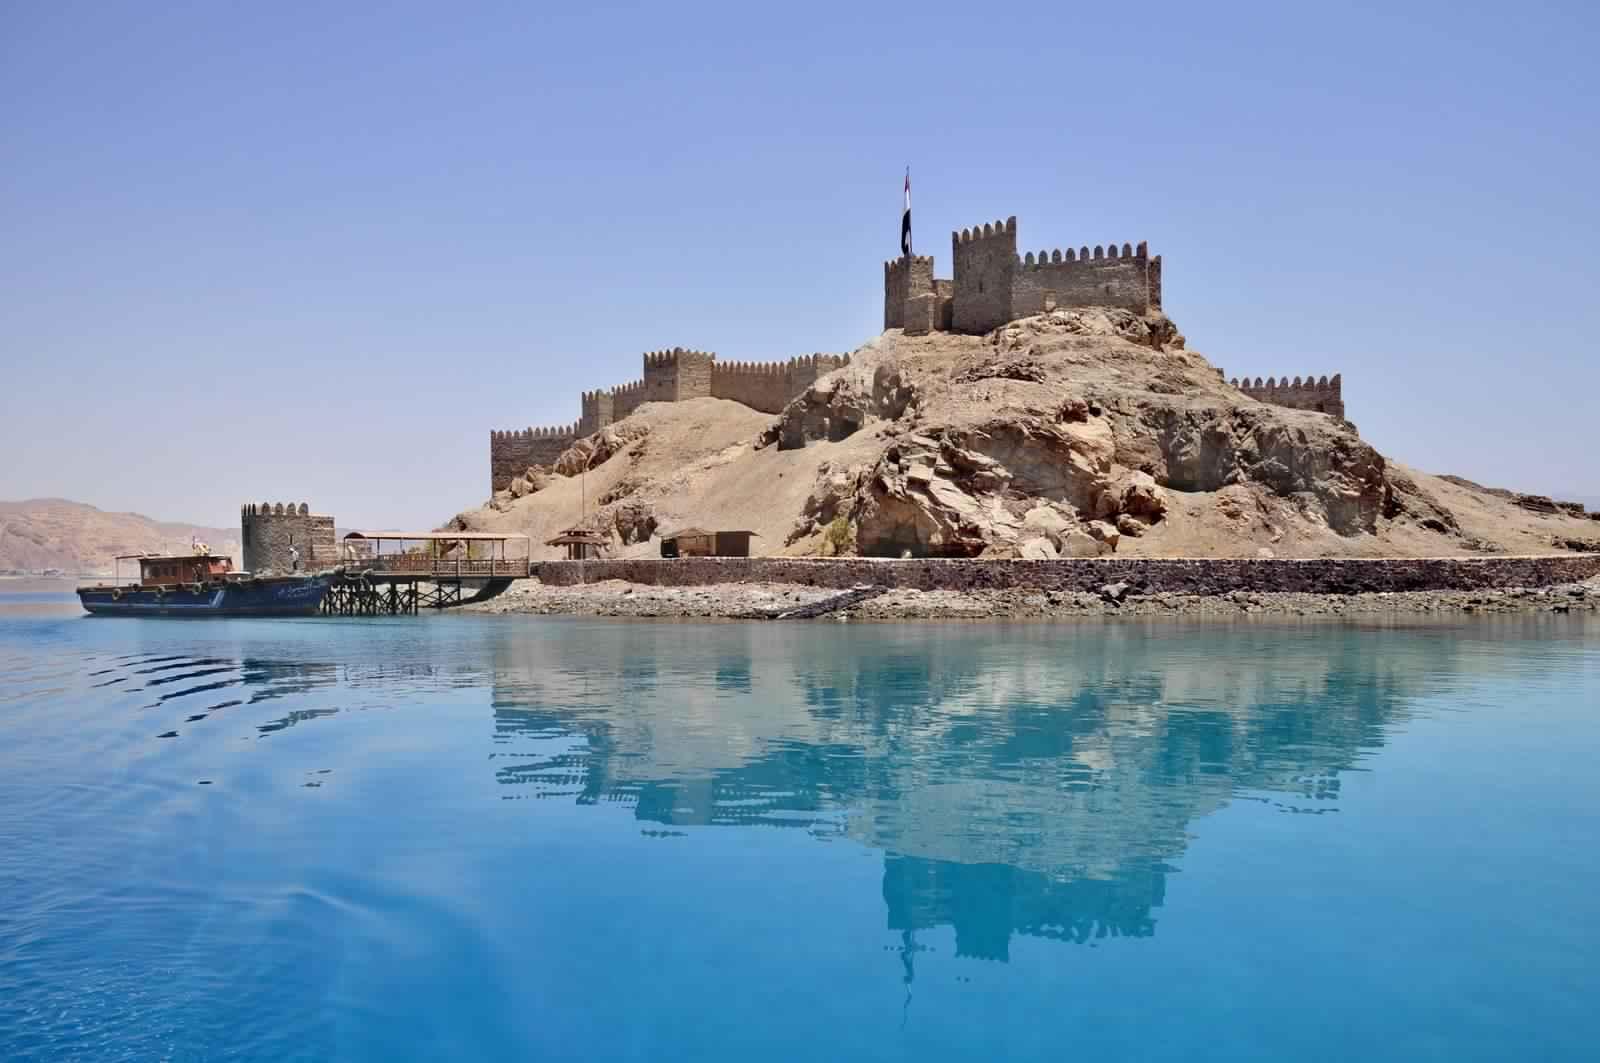 قلعة-صلاح-الدين-في-جزيرة-فرعون